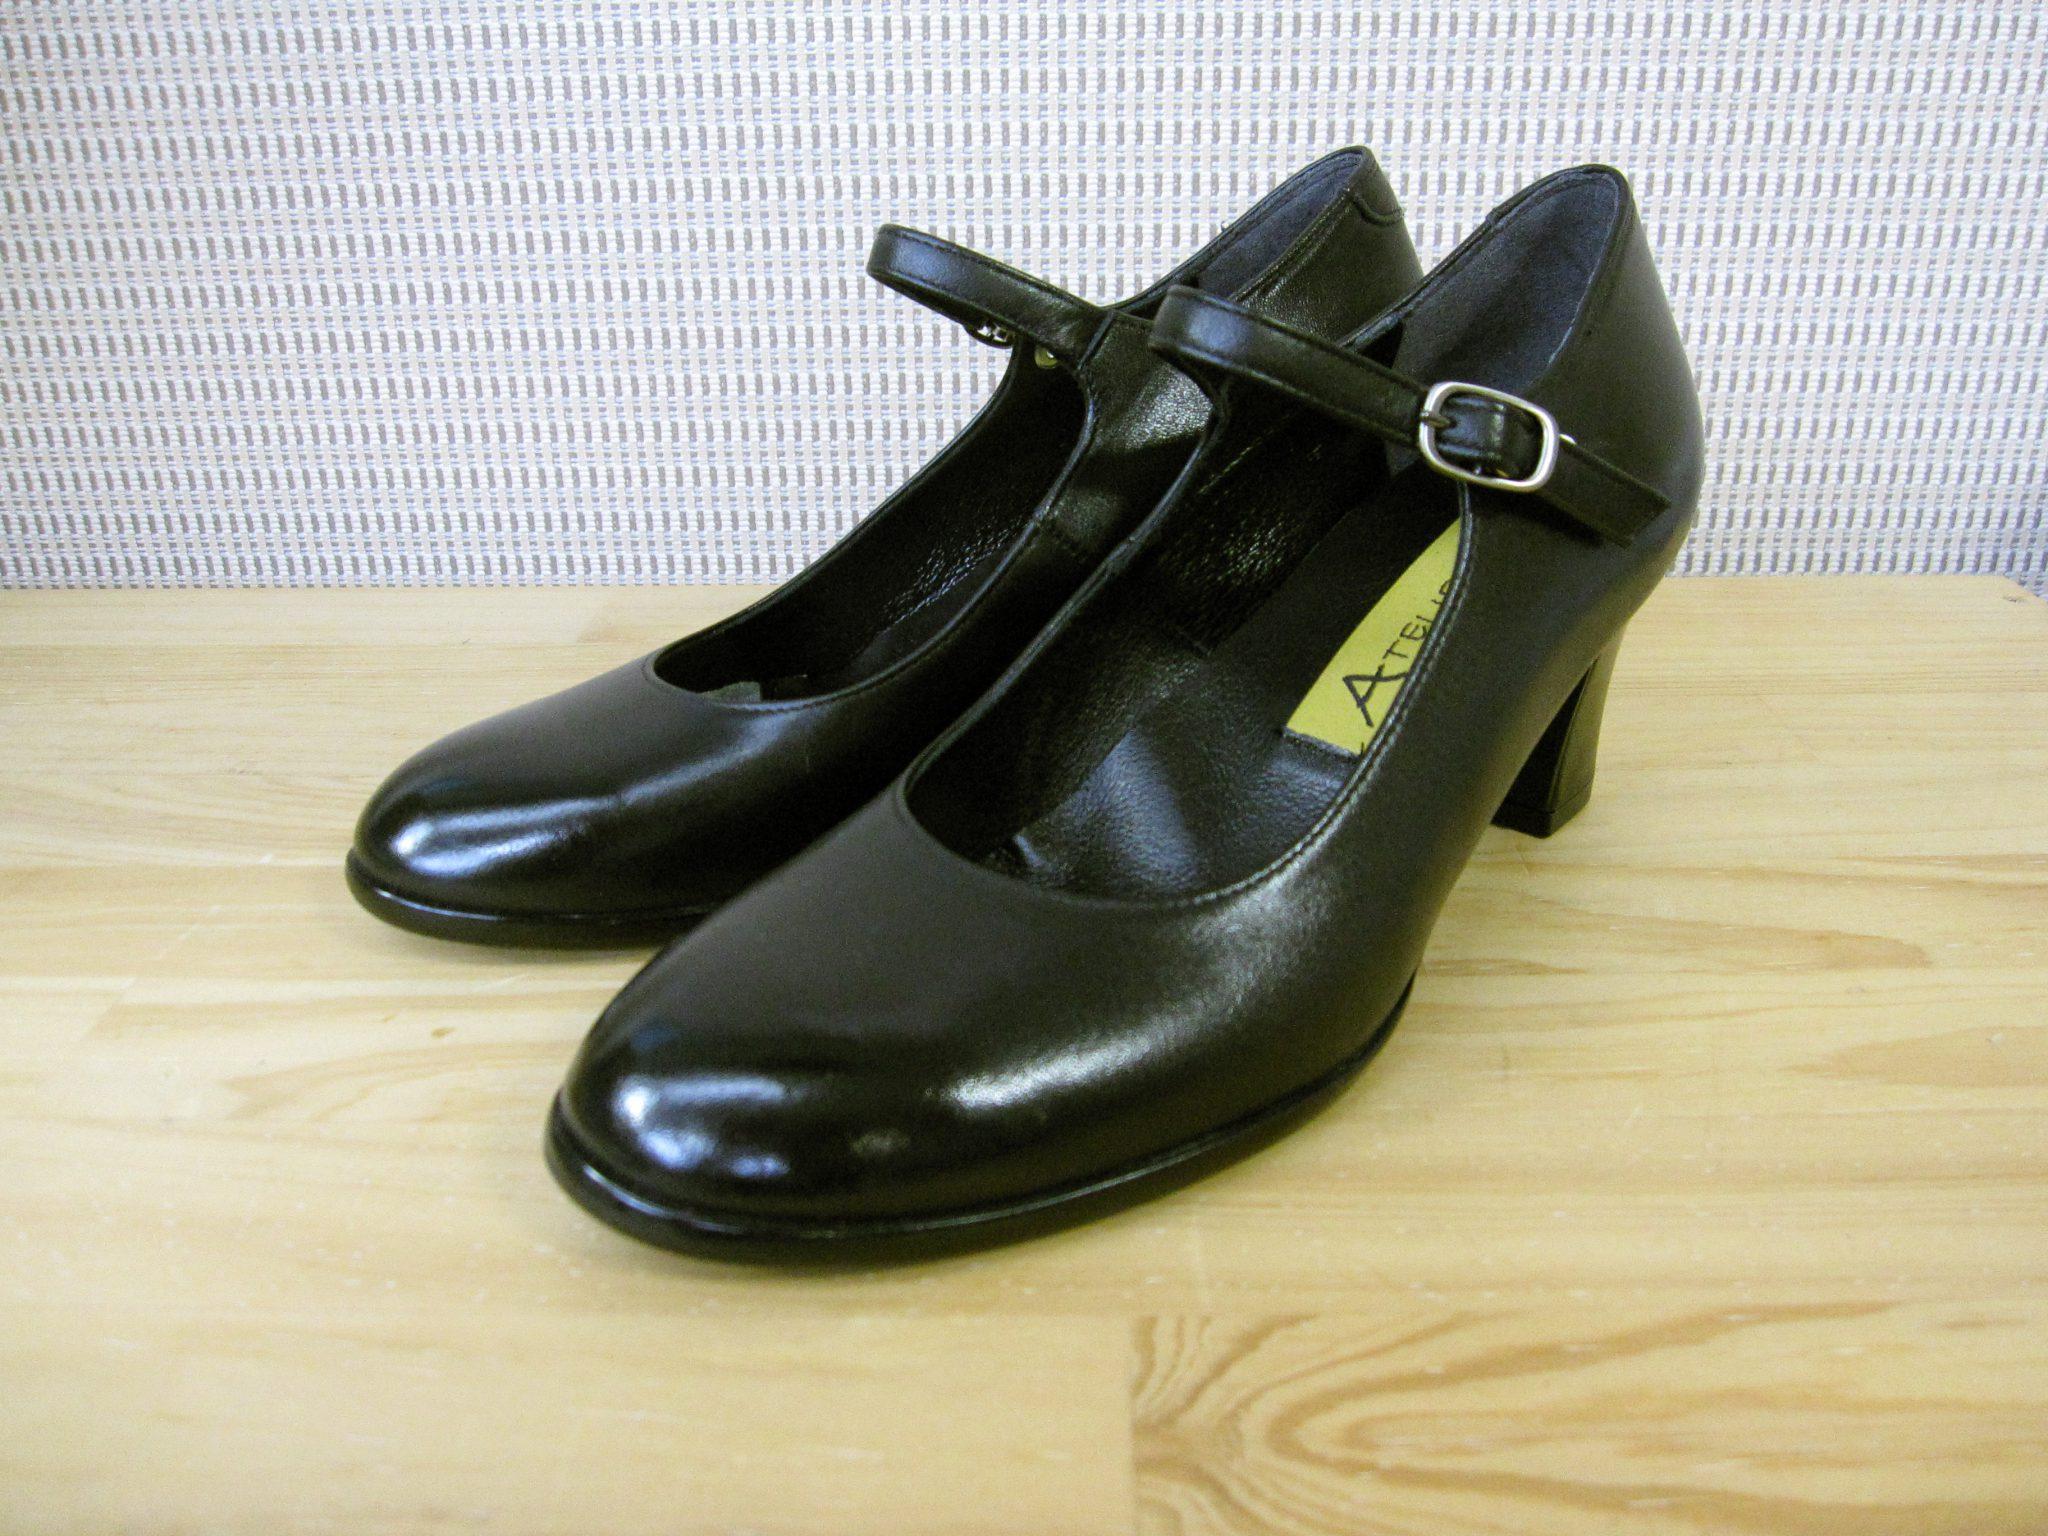 靴のサイズが小さく(20.0)困りのお客様のための、足にやさしい靴・オーダーメイドシューズ